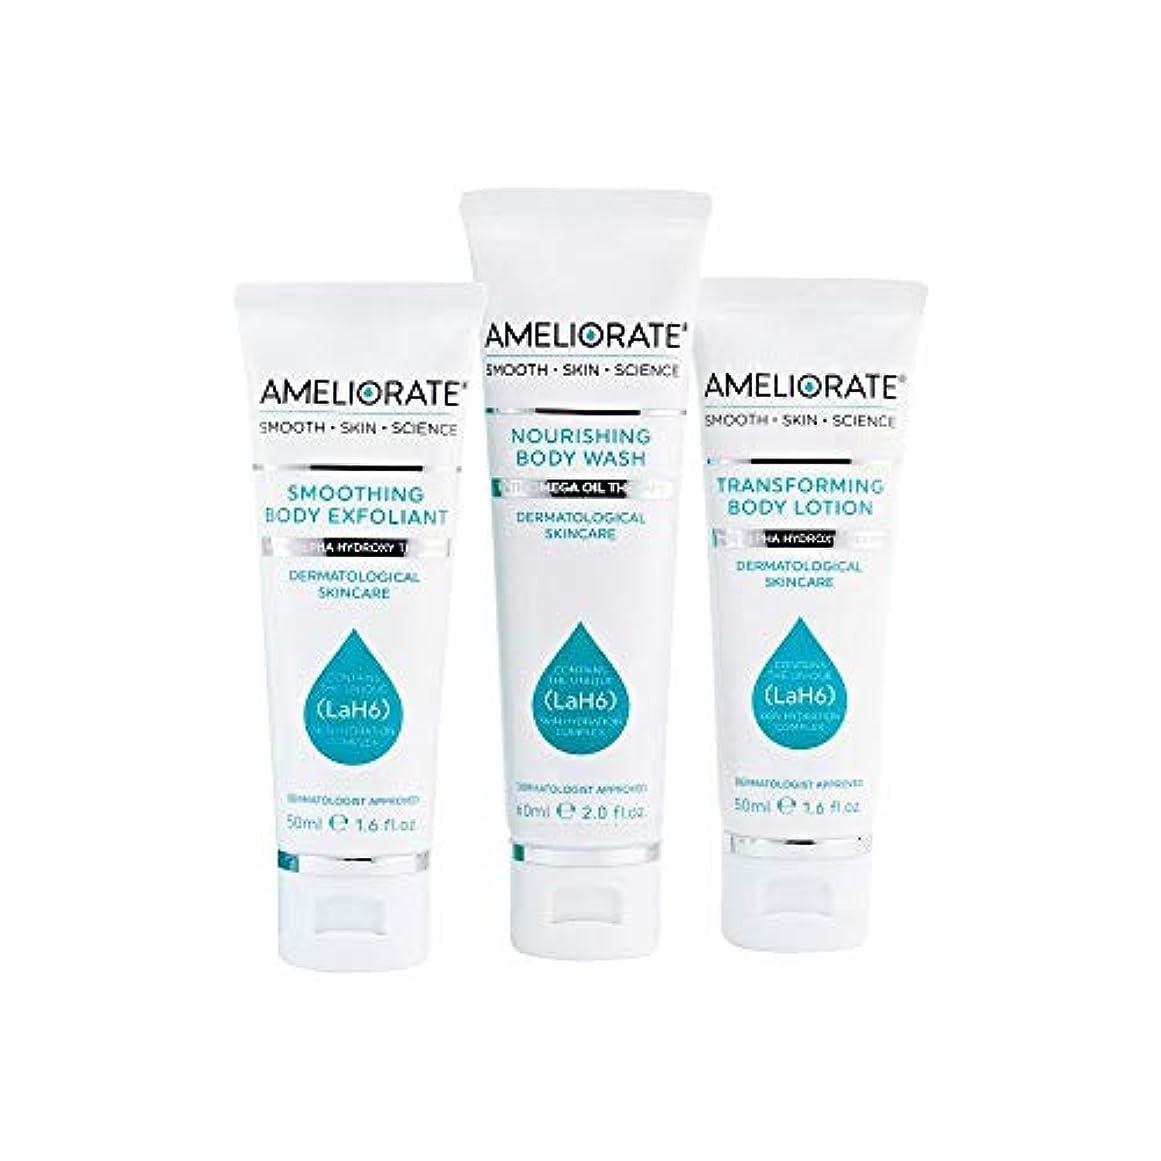 航空機ビーズ爆風[Ameliorate] 皮膚キットを滑らかにする3つのステップを改善 - Ameliorate 3 Steps to Smooth Skin Kit [並行輸入品]